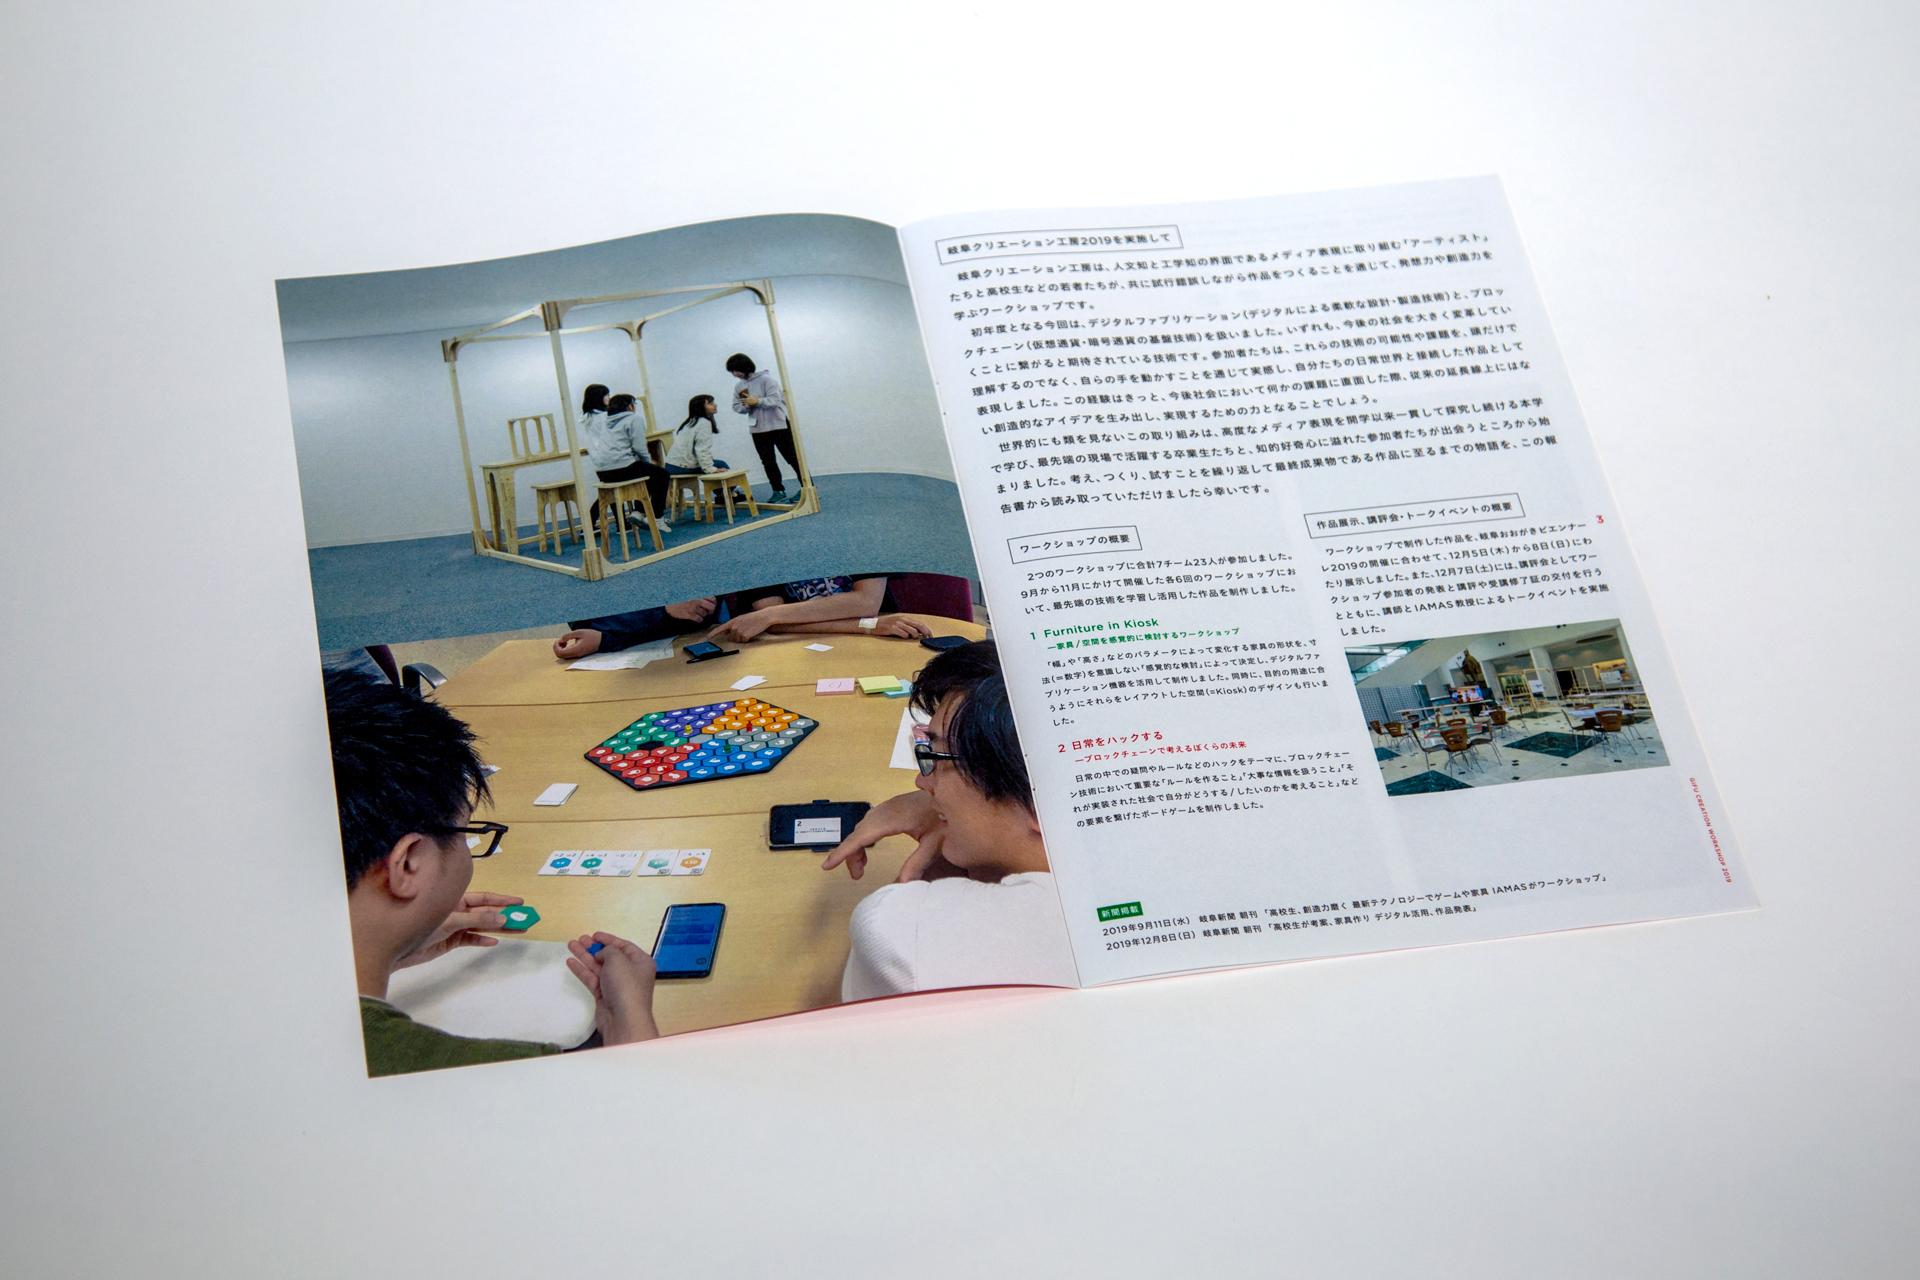 岐阜クリエーション工房2019 開催報告書イメージ